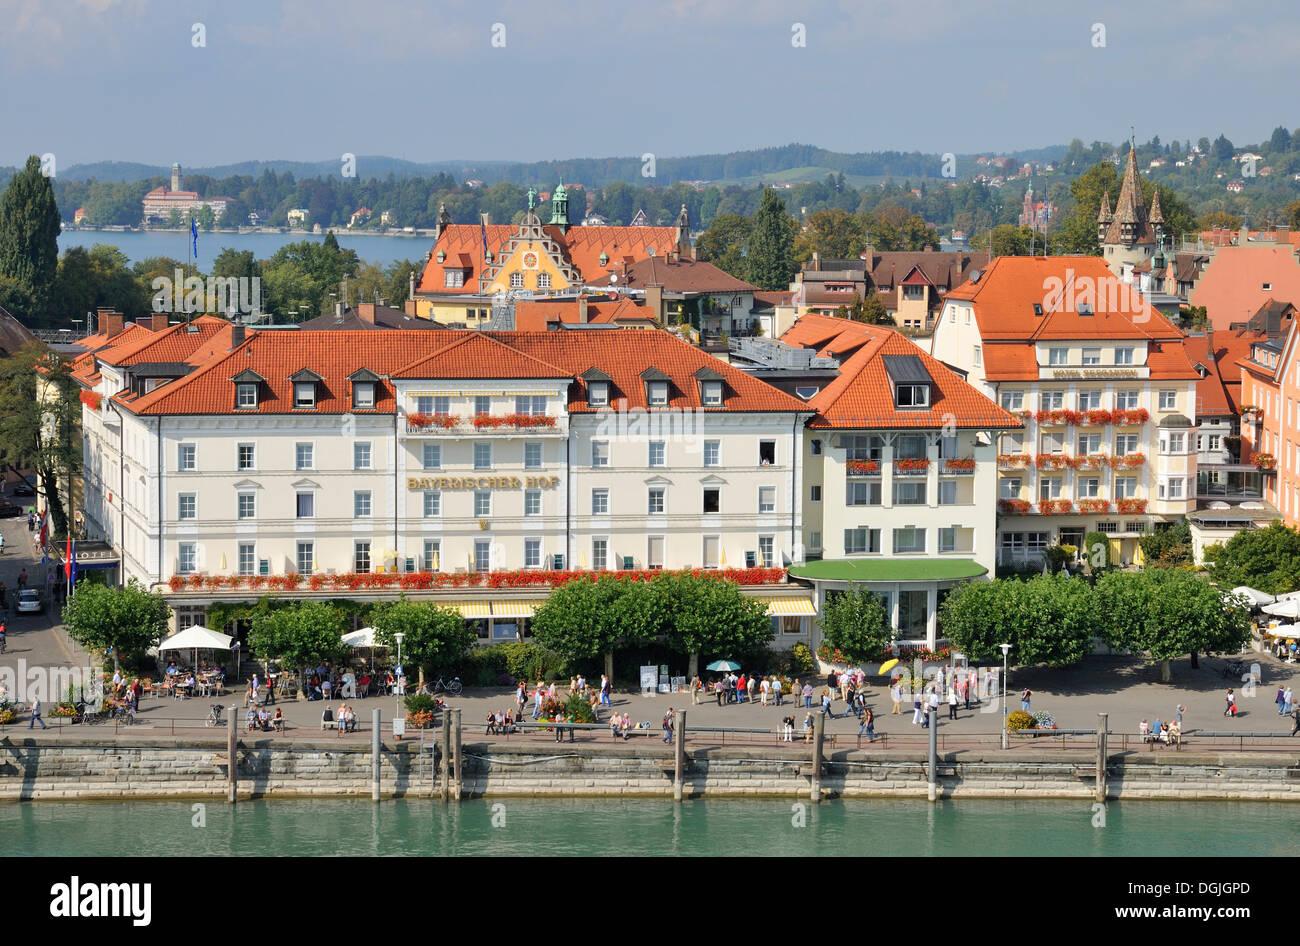 Bayerischer Hof Lindau : hotel bayerischer hof lindau lake constance bavaria ~ Watch28wear.com Haus und Dekorationen